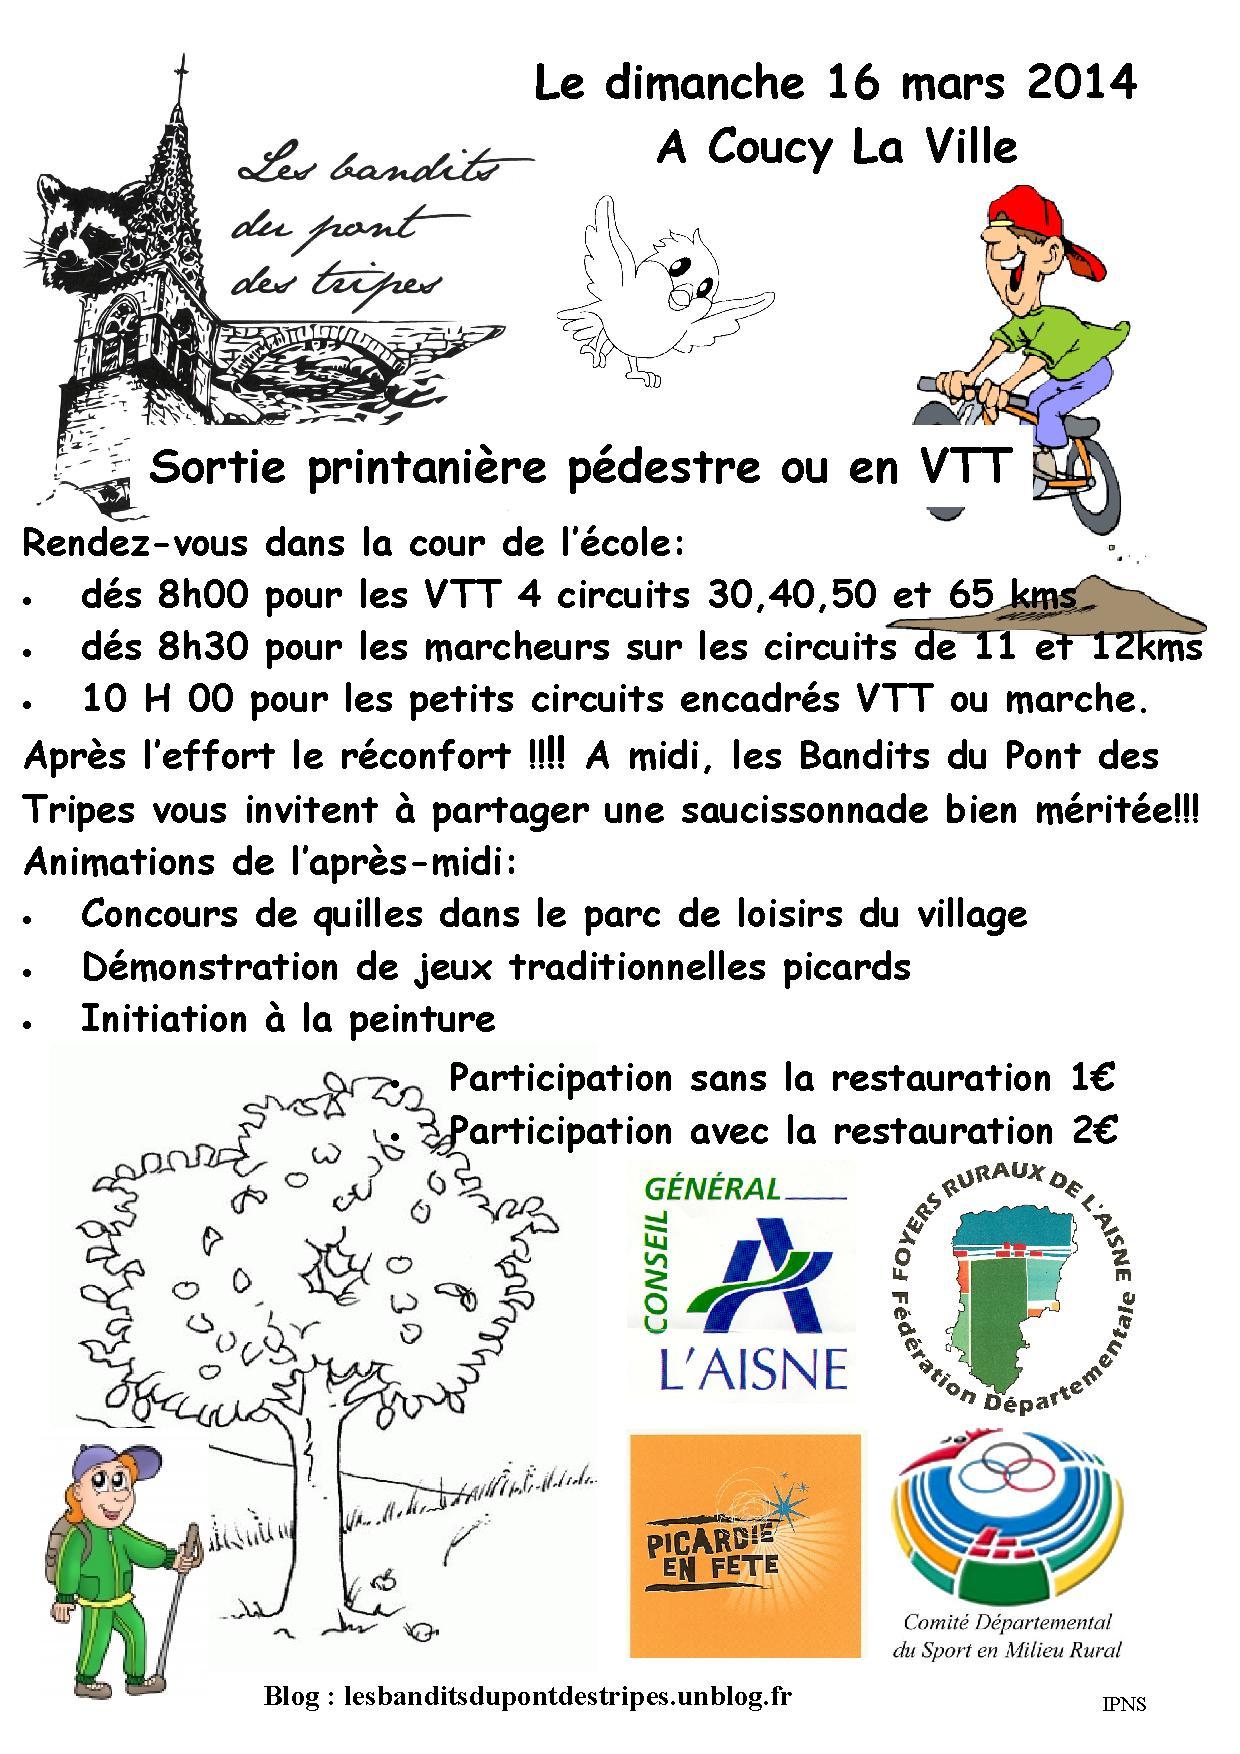 la printaniére des bandits du pont des tripes 16 mars 2014 - Page 2 Sortie-pintaniere-bandits-2013